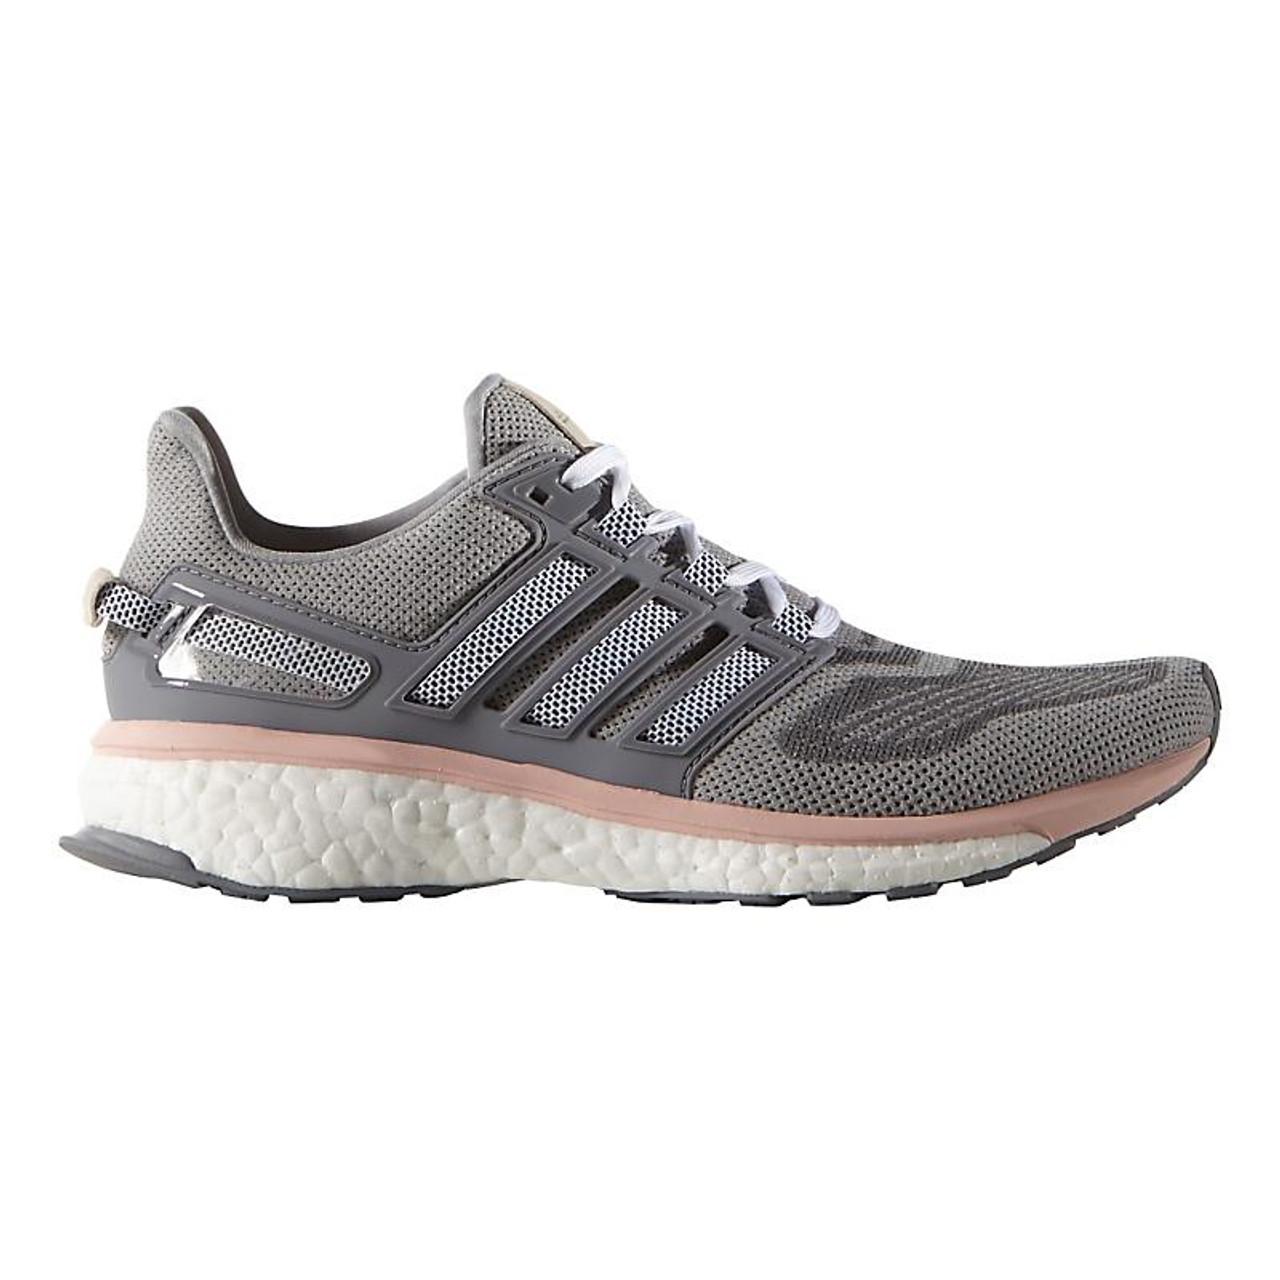 Pegajoso Curso de colisión béisbol  Women's adidas Energy Boost 3 Running Shoe | Free Shipping